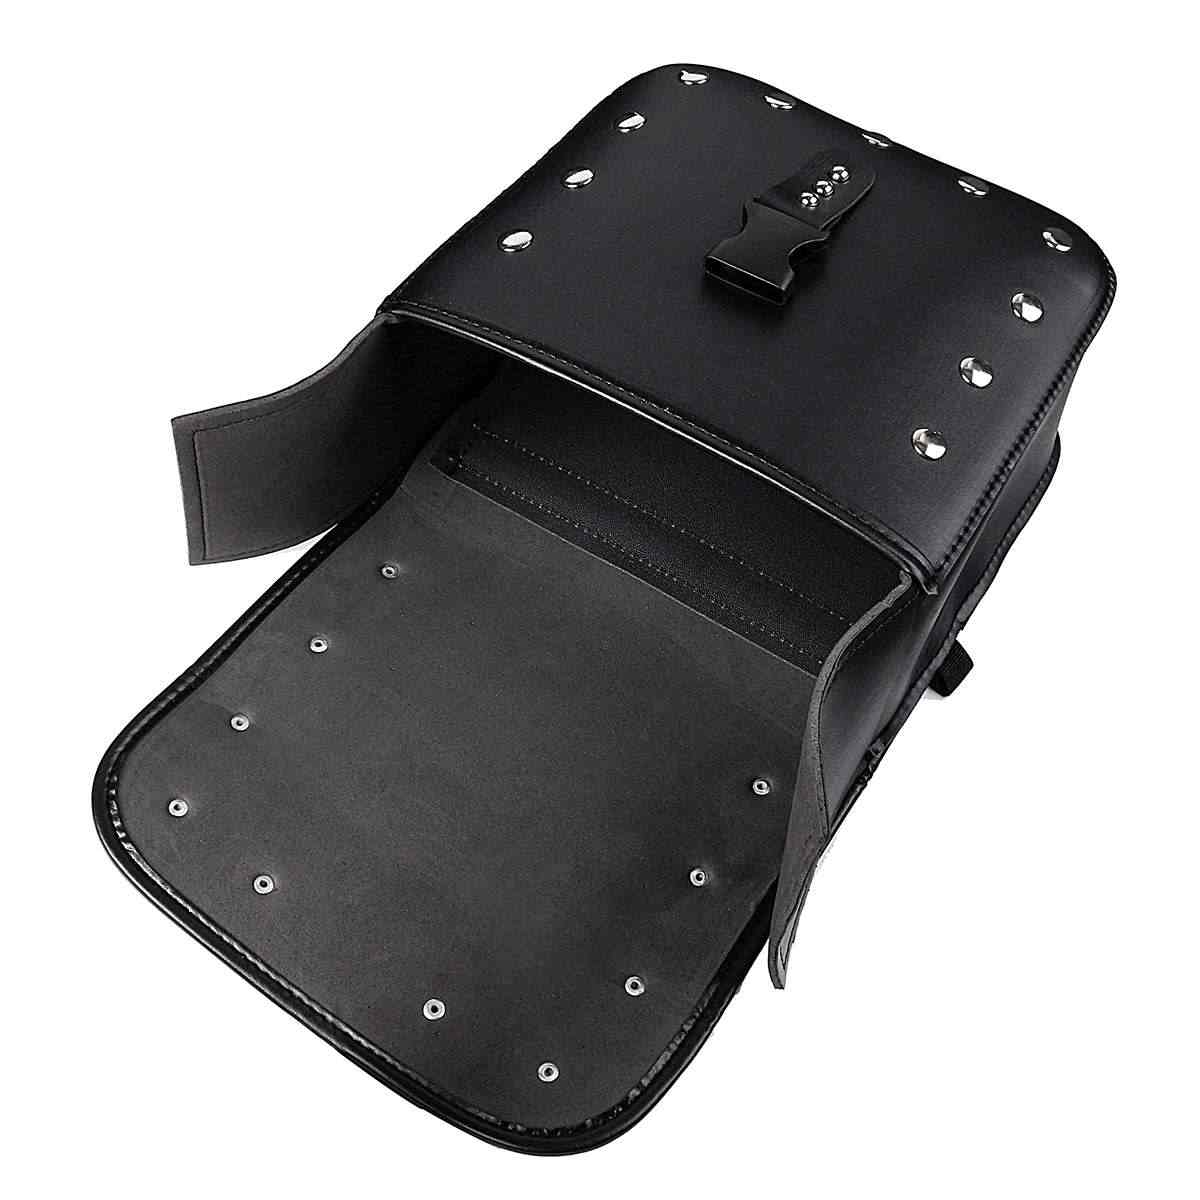 Пара Черная искусственная кожа гоночный гонки мотоцикл водонепроницаемая сумка для инструментов дорожные сумки чемодан седельный багажник с заклепками